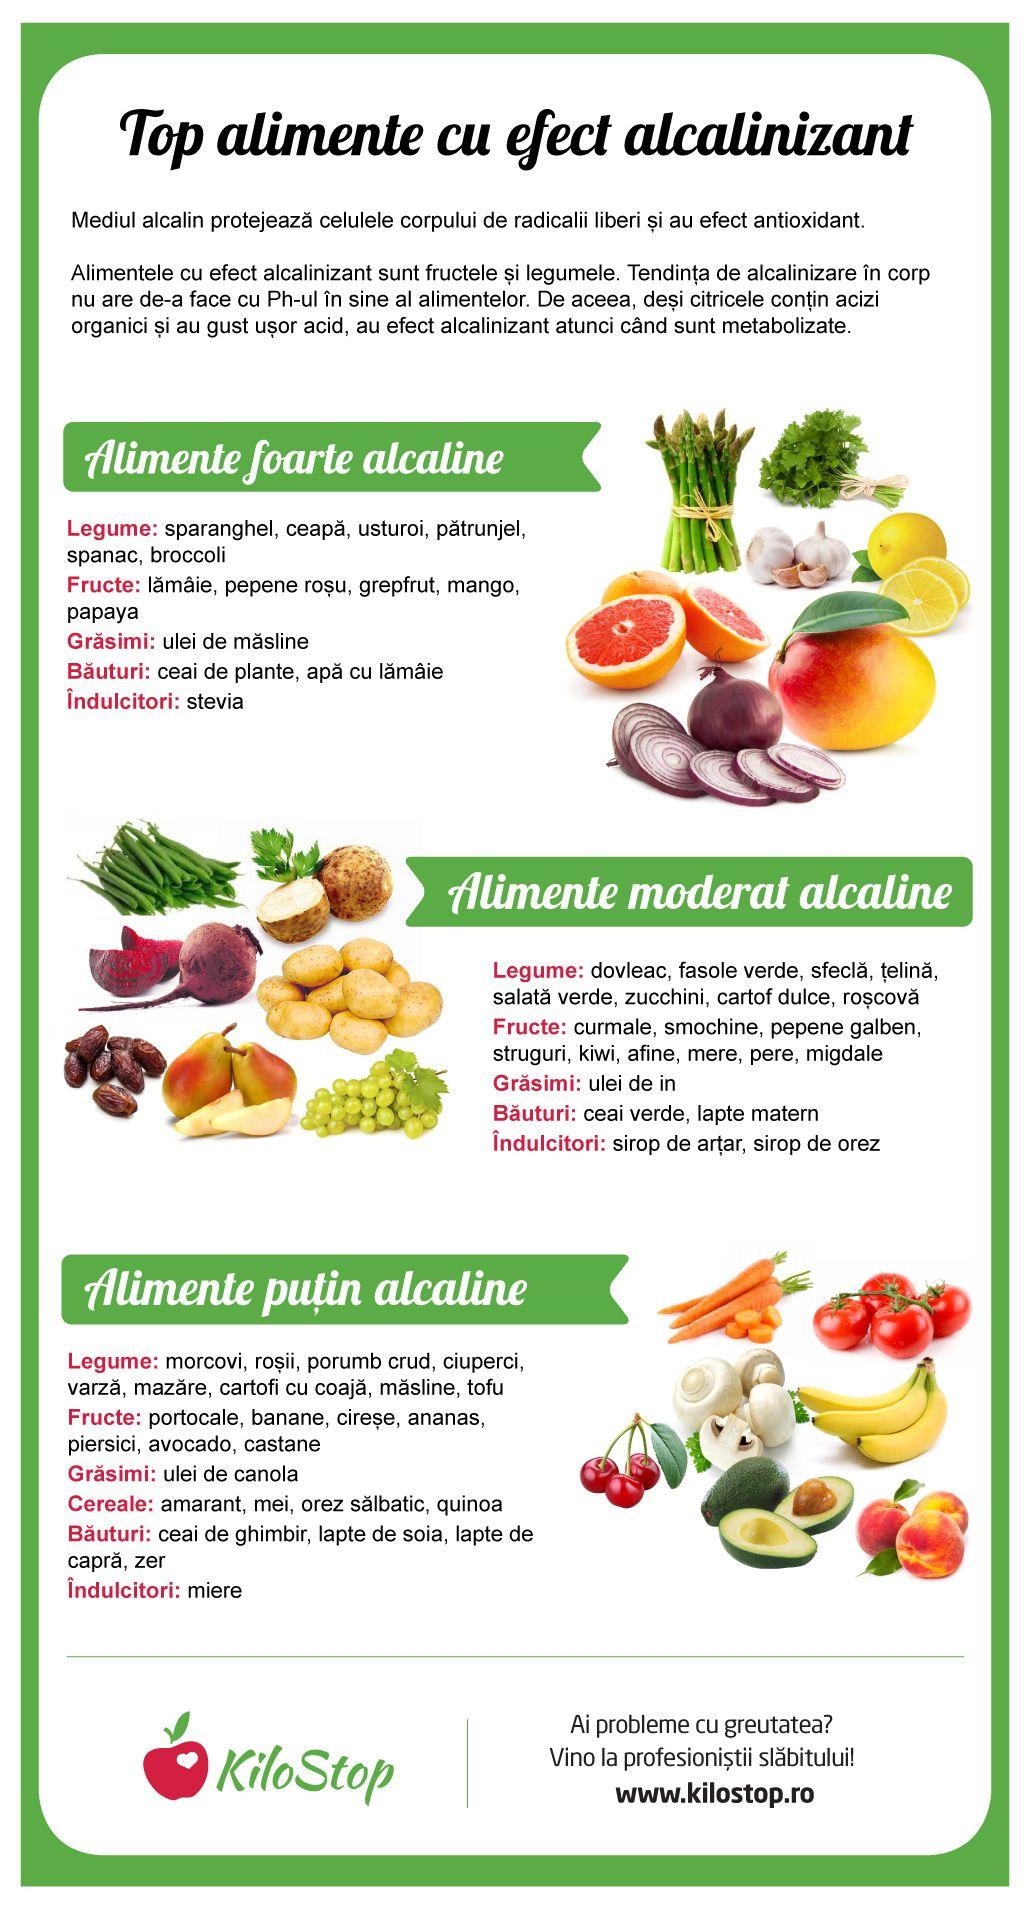 Mango ajută la slăbit DOAR dacă este CORECT consumat